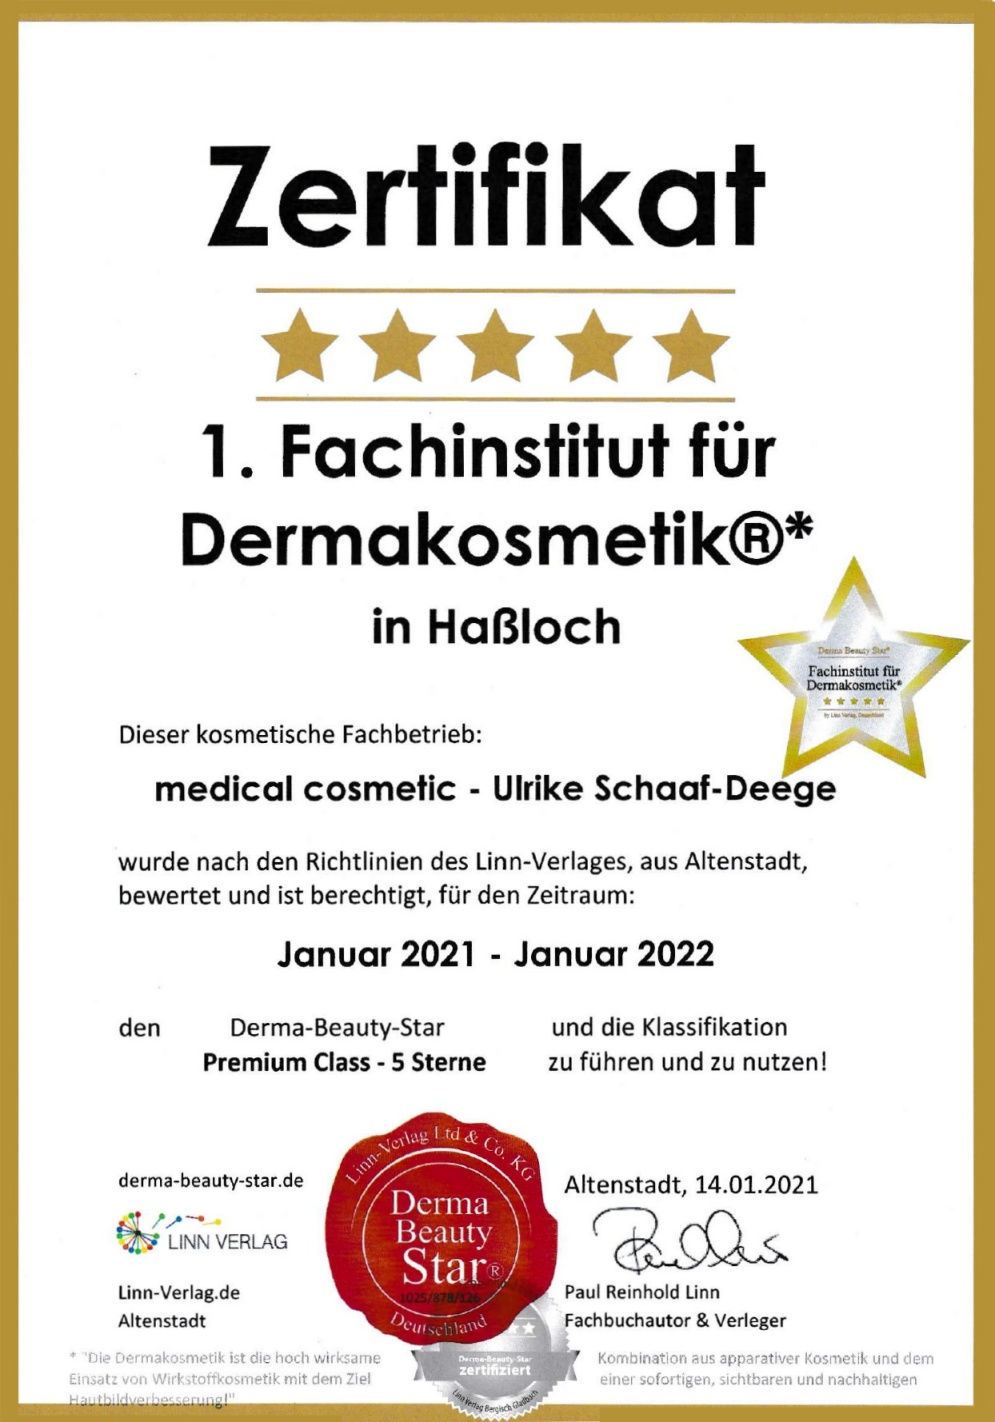 5 Sterne Derma Institut auch 2021